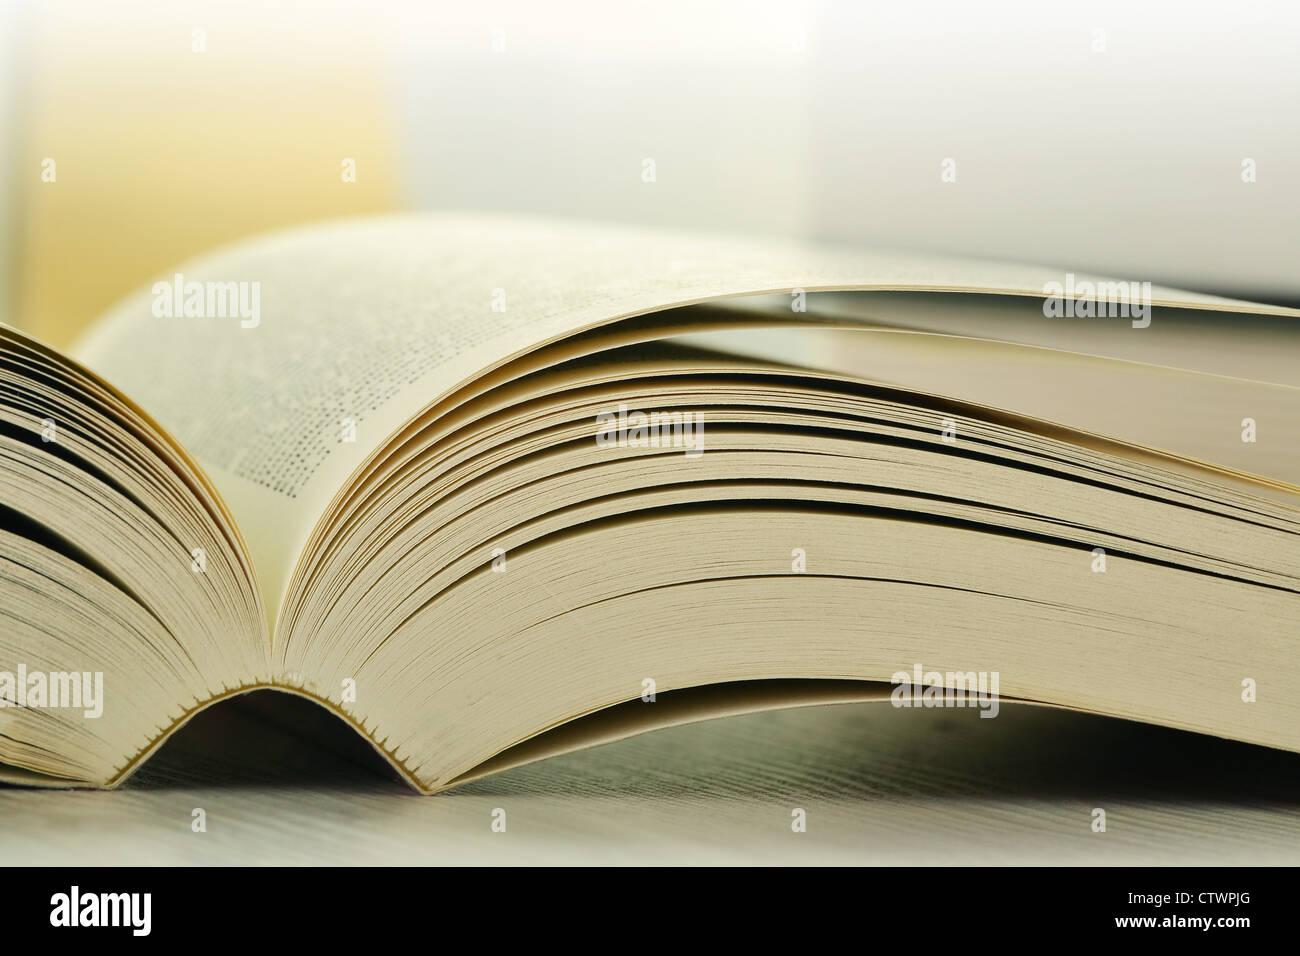 La composition avec des livres sur la table Photo Stock